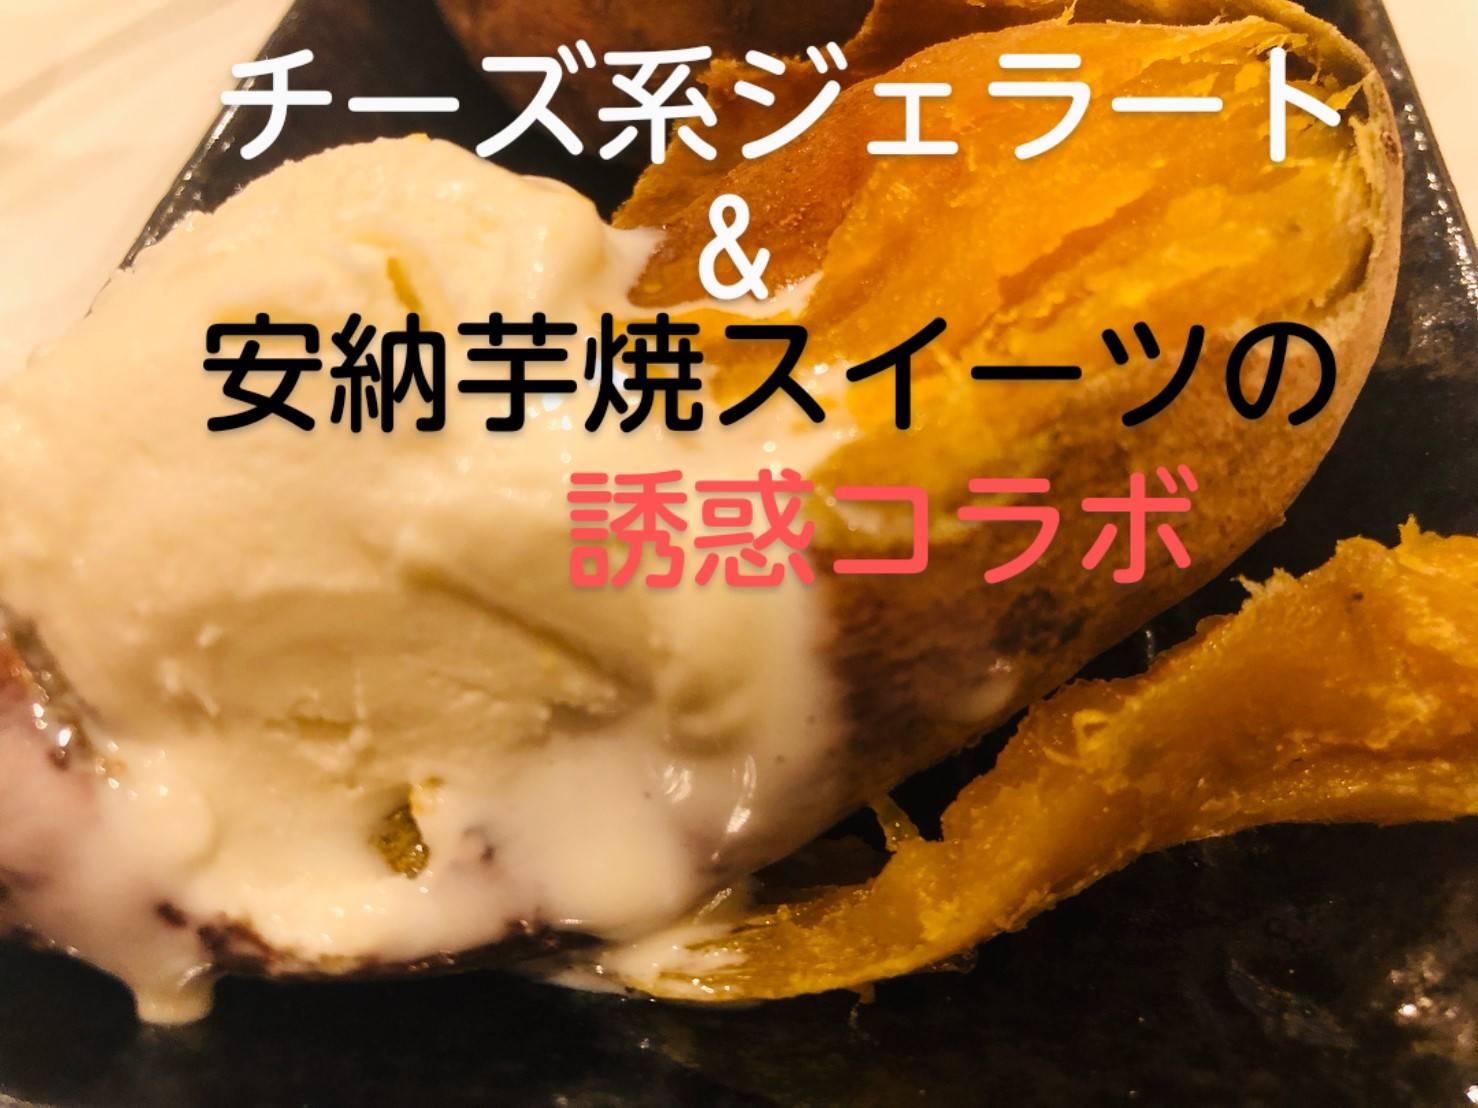 チーズ系ジェラートと安納芋焼スイーツ